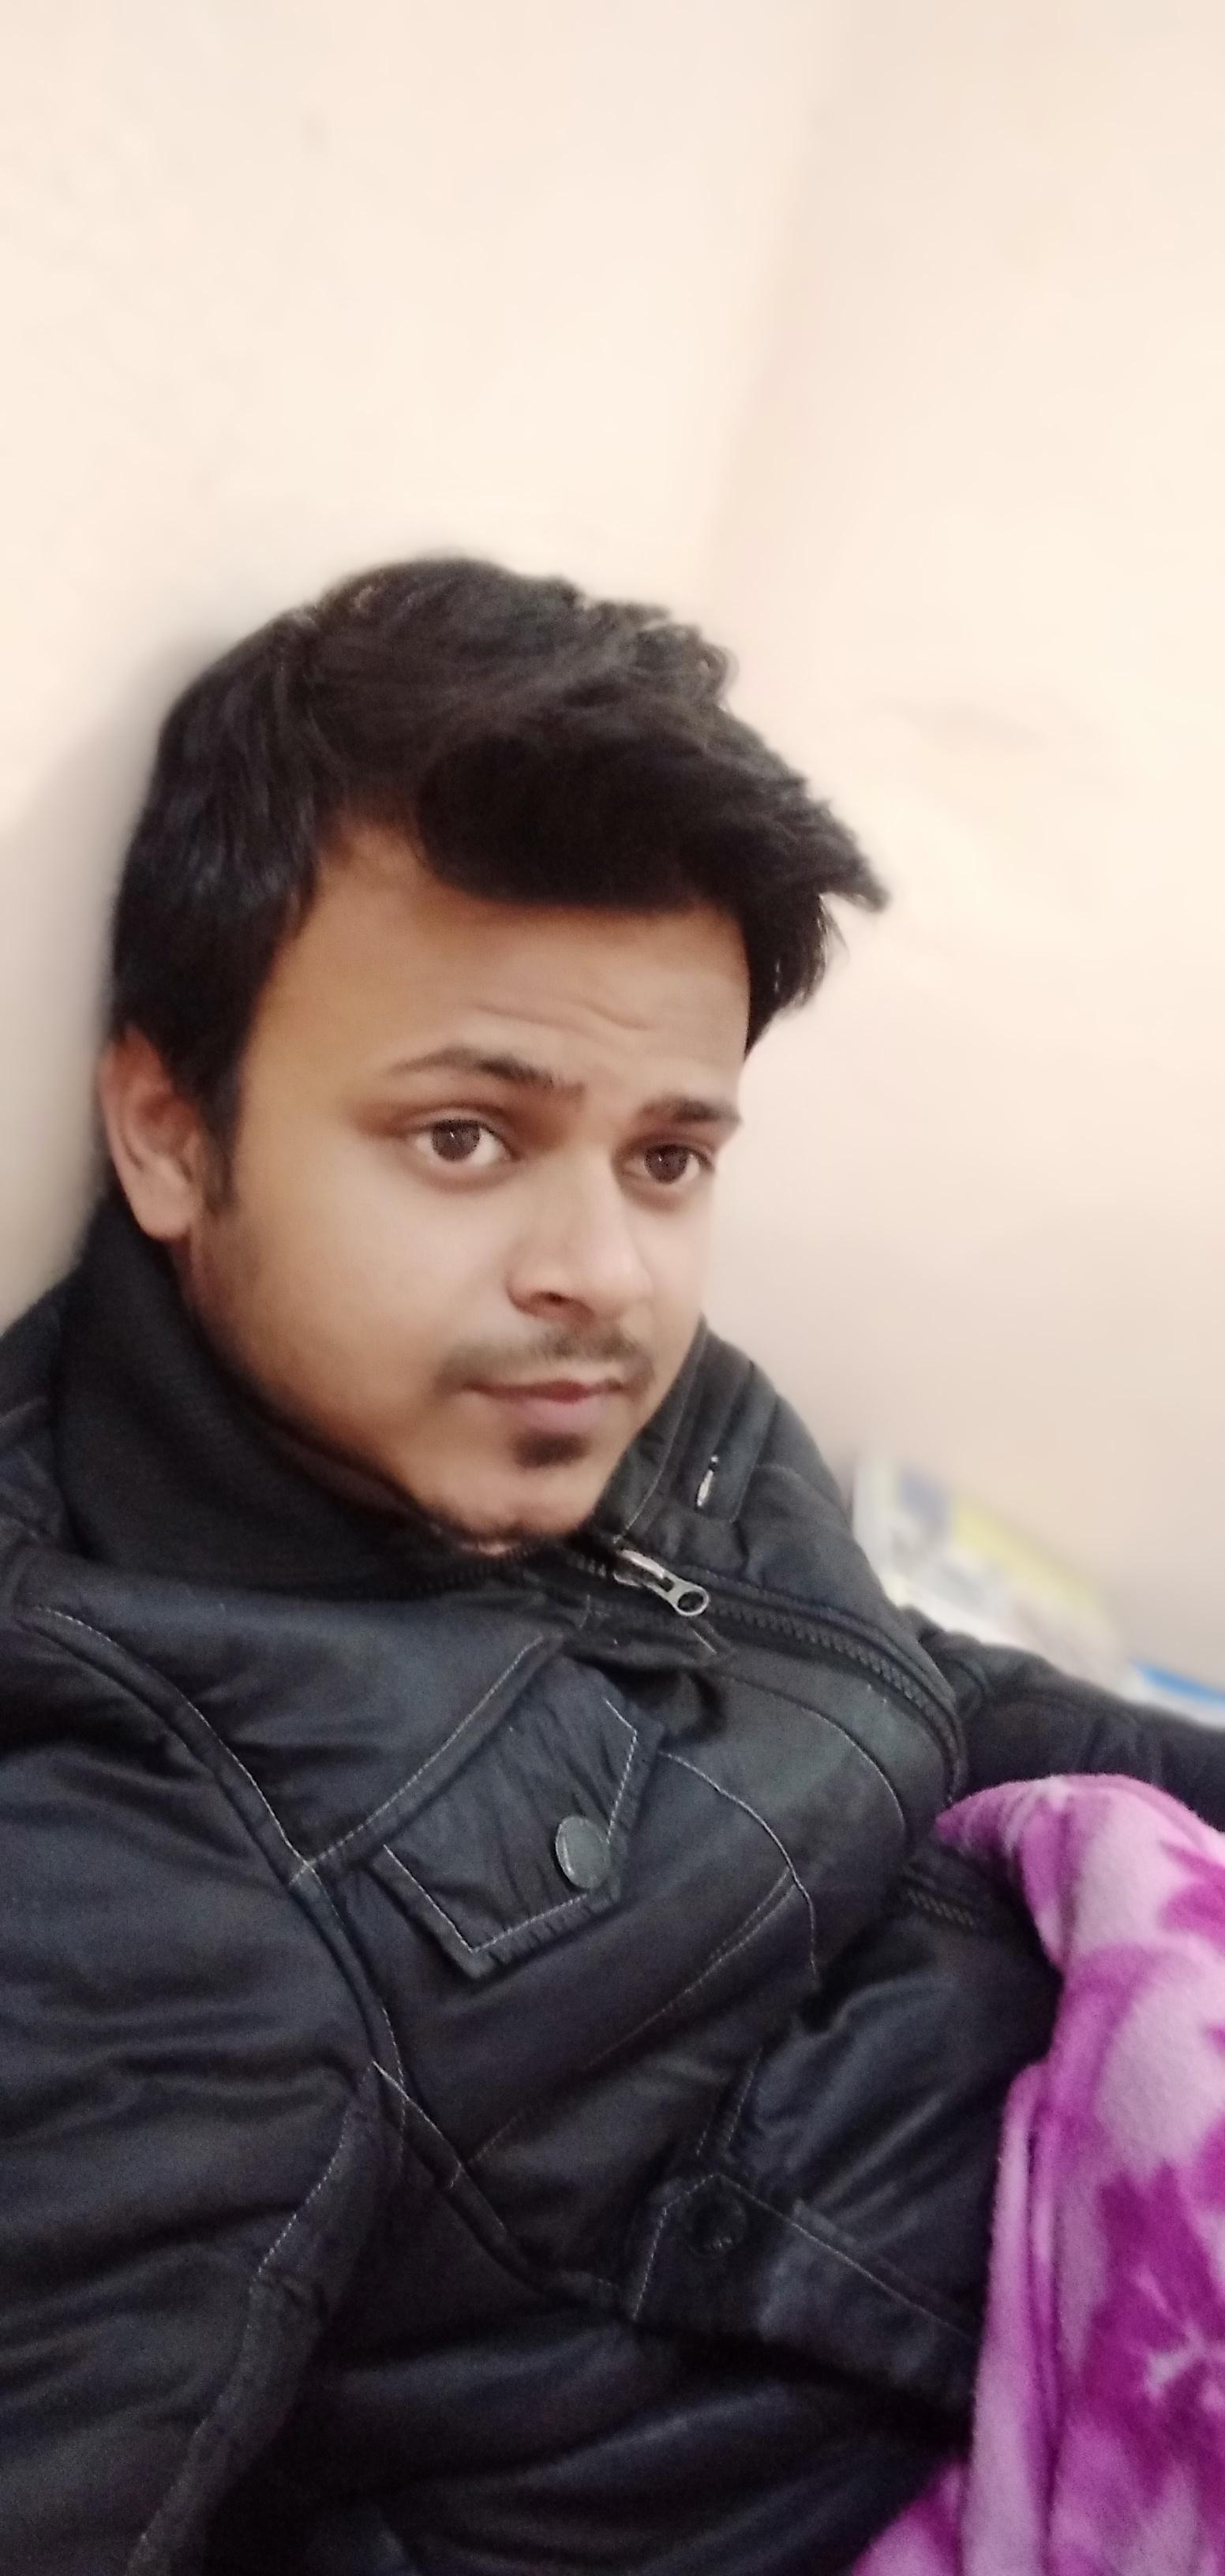 Abhishek Kumar Goutam